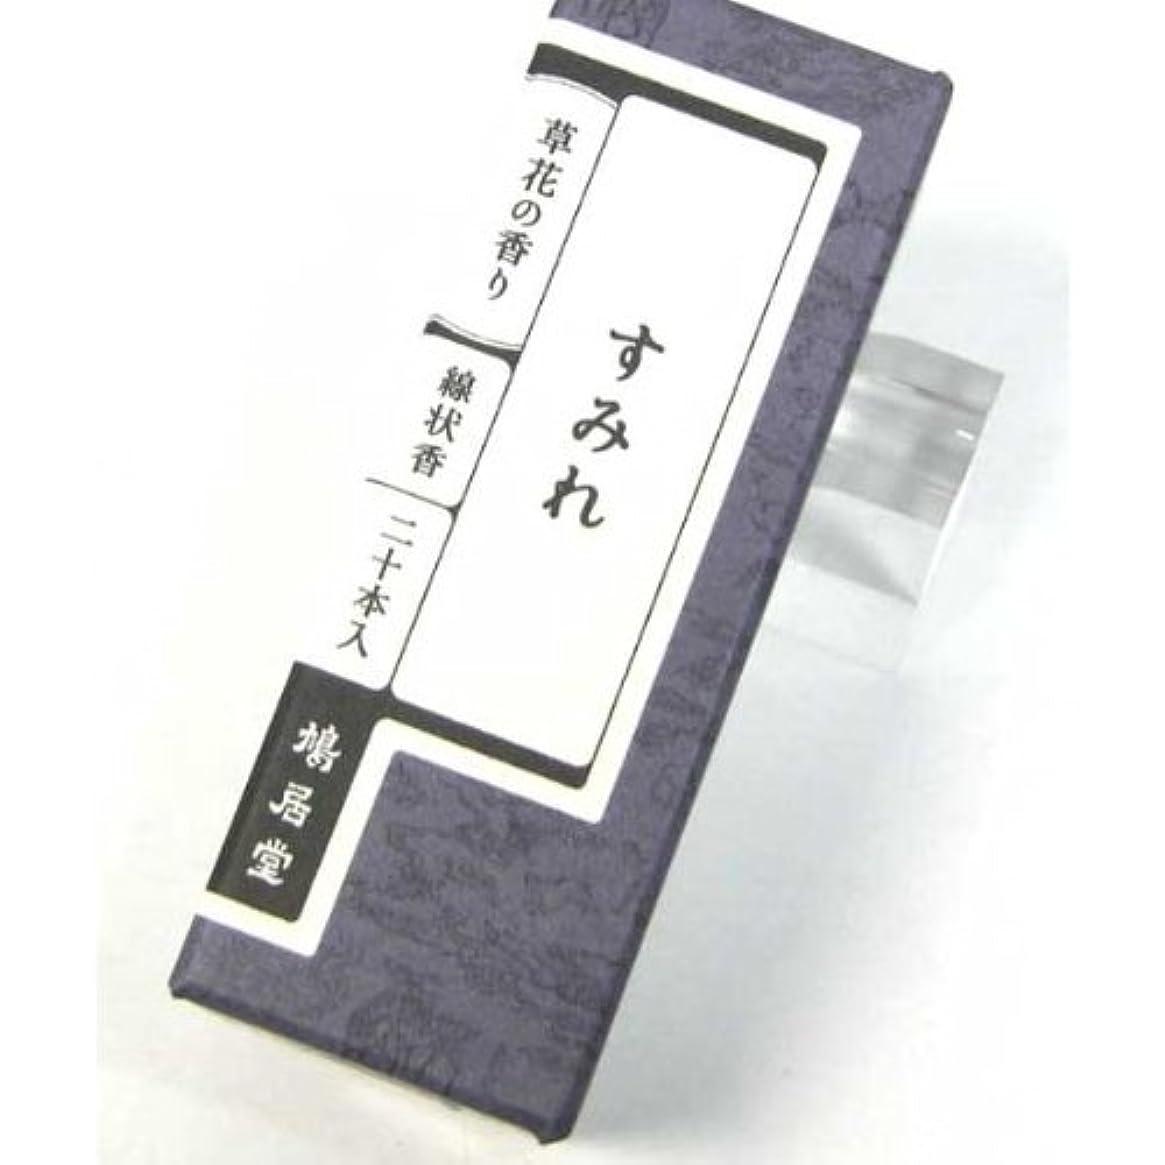 トラック補う導体鳩居堂 お香 すみれ/菫 草花の香りシリーズ スティックタイプ(棒状香)20本いり